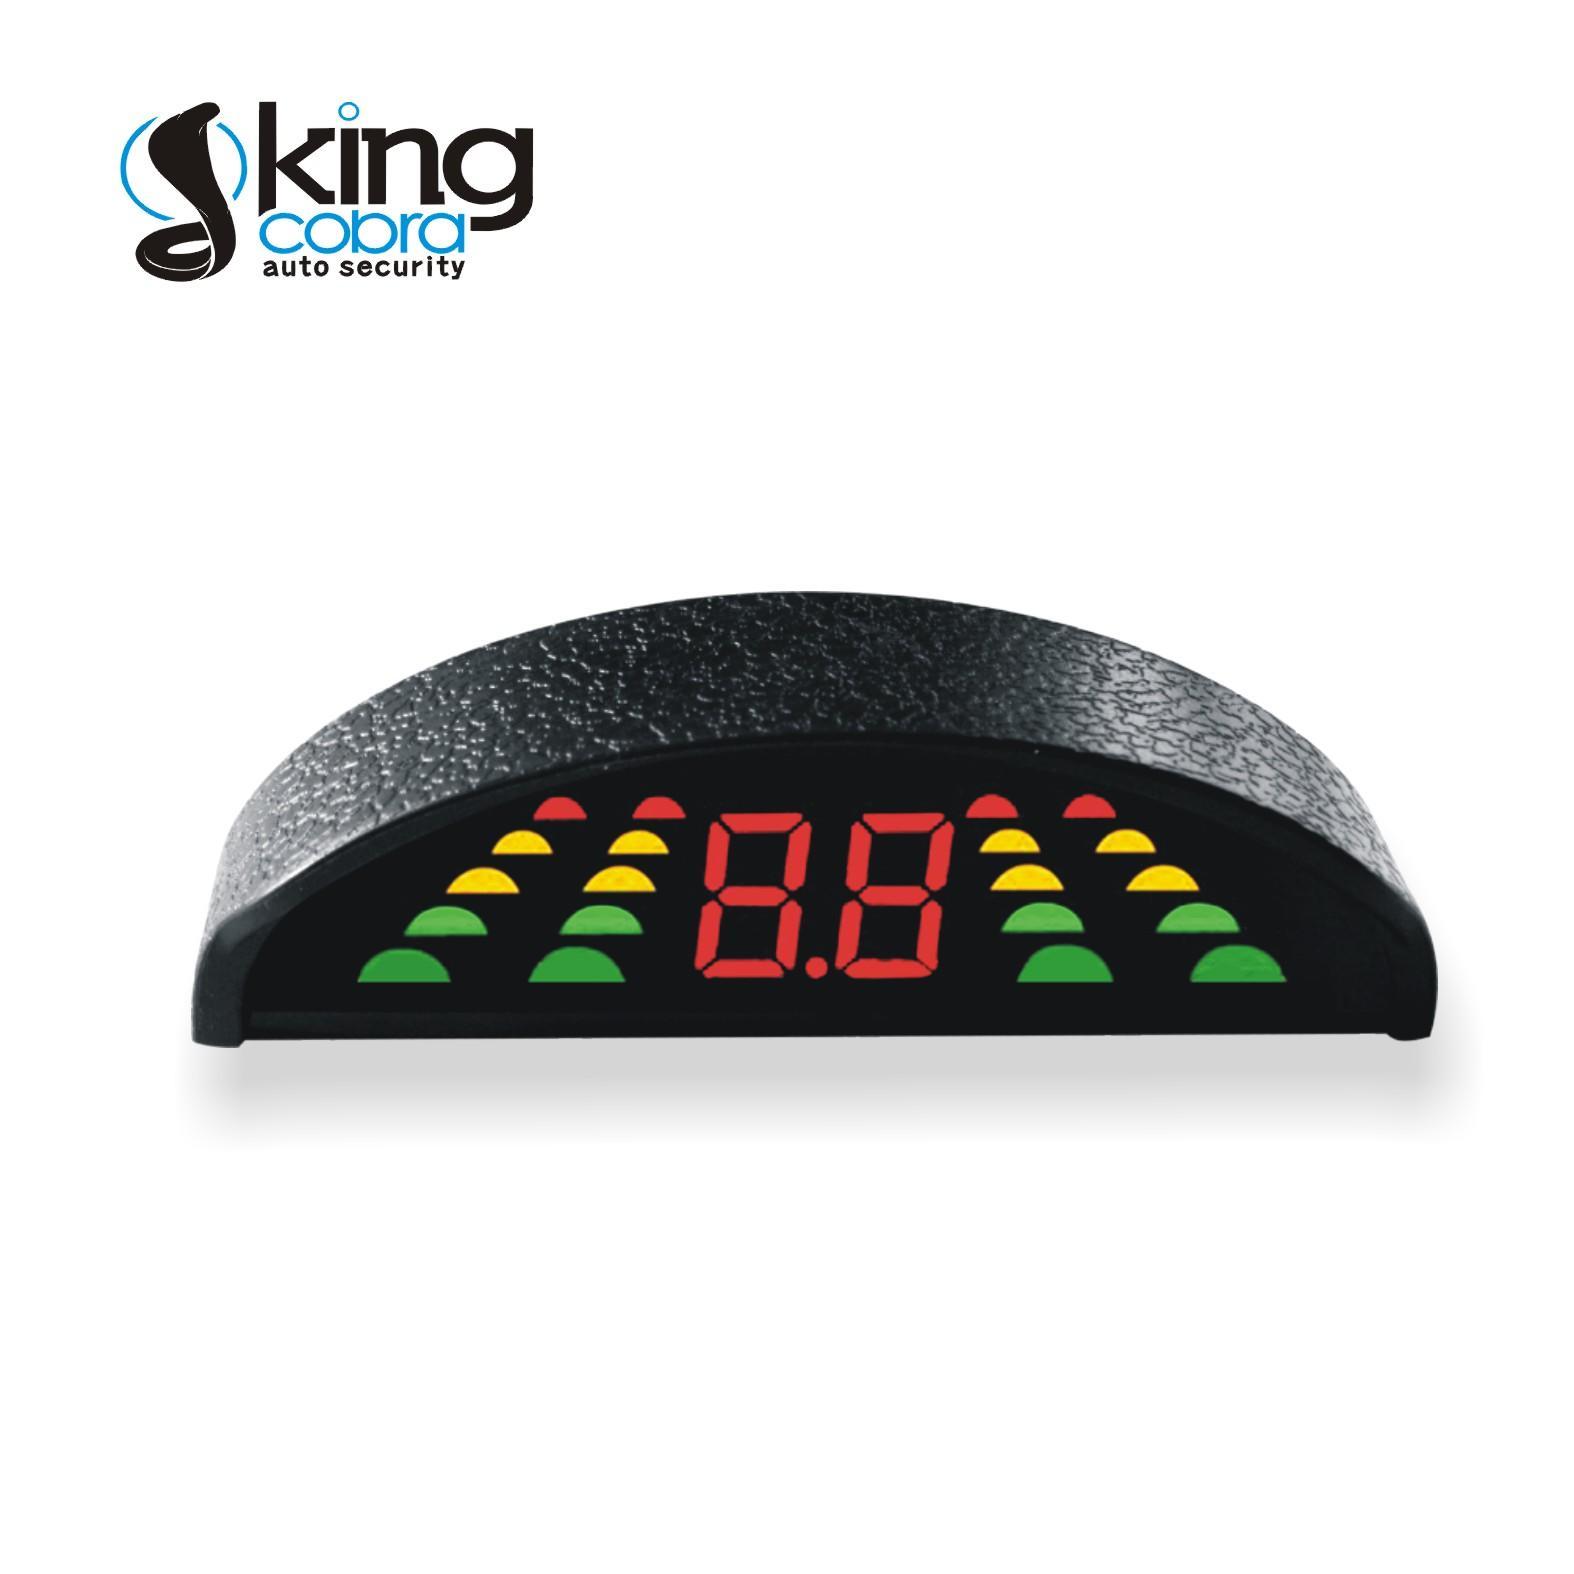 car parking sensor price parking assistant system for sale Kingcobra-2